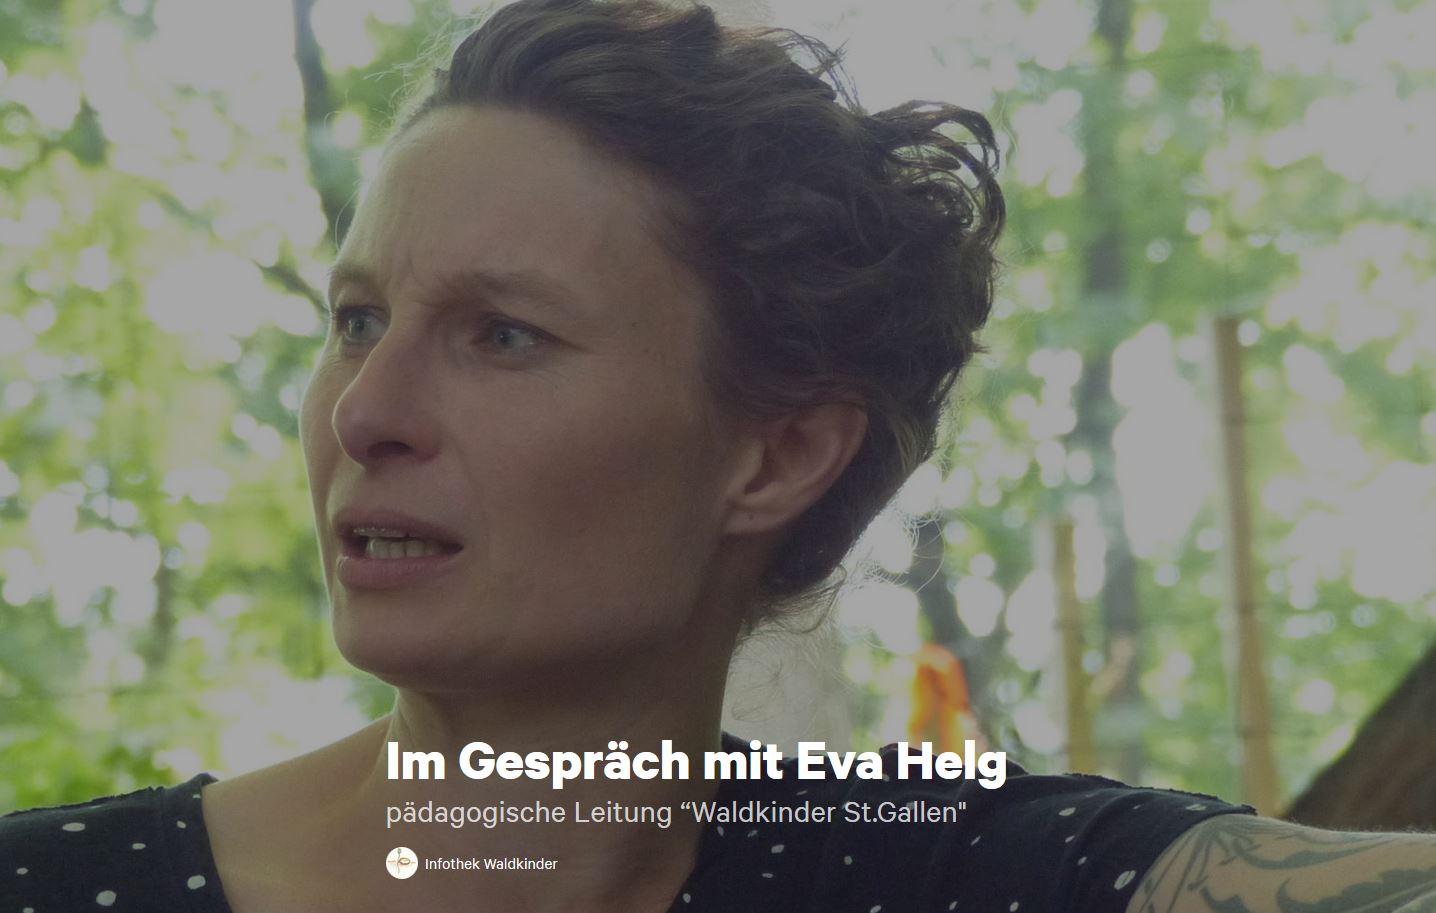 Die Infothek Waldkinder im Gespräch mit Eva Helg anschliessend an dem Vormittag in der Lokremise im Wald von Notkersegg